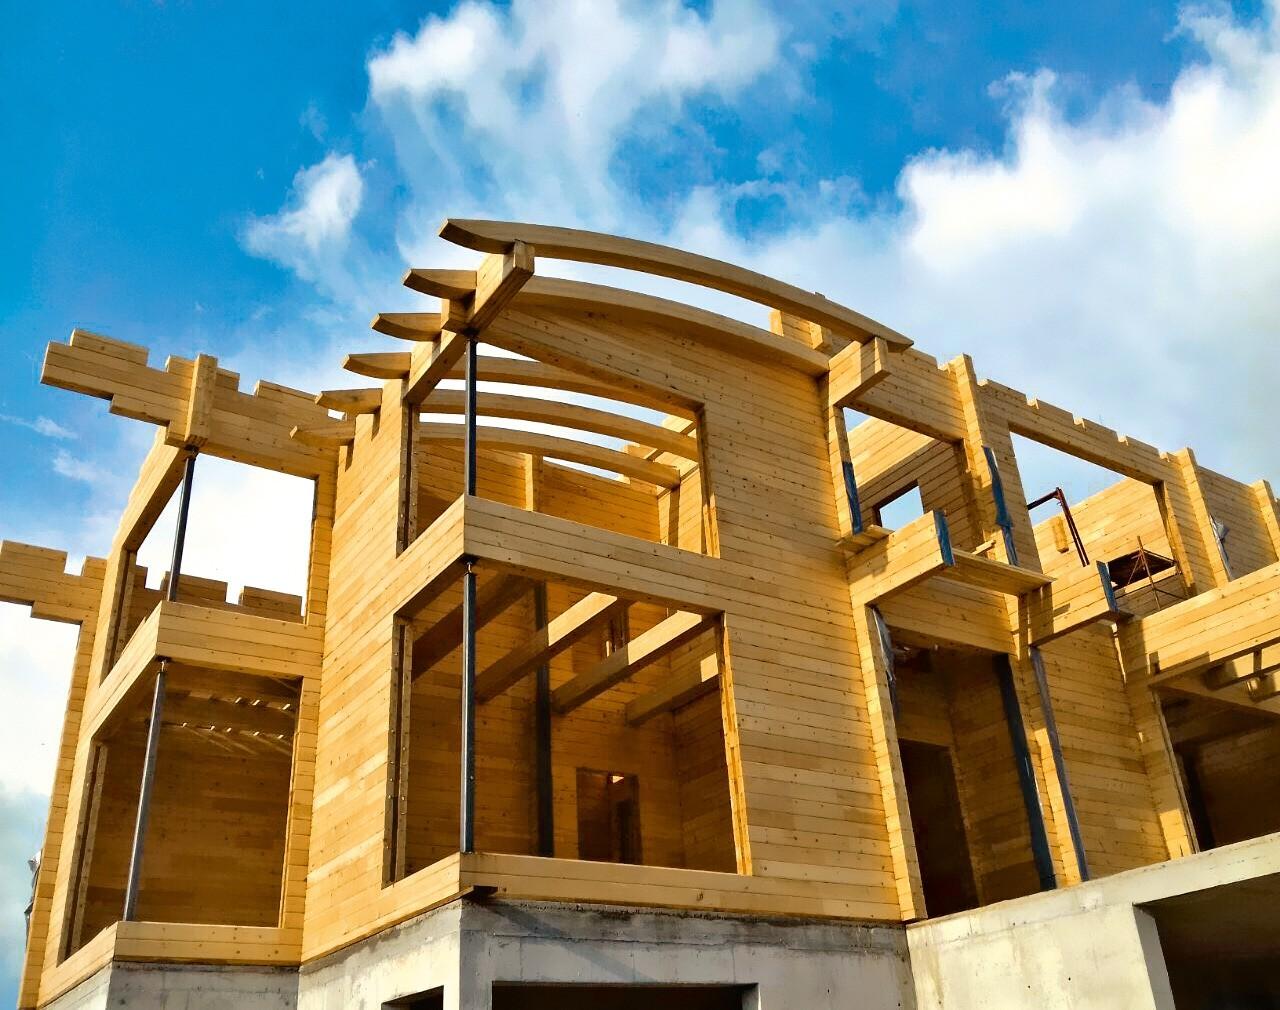 Ведущие компании могут изготовить гнуто-клеёные конструкции для радиусных  элементов  фасадаили крыши  здания. При этом, чтобы выполнить современные требования к качеству строительства,...